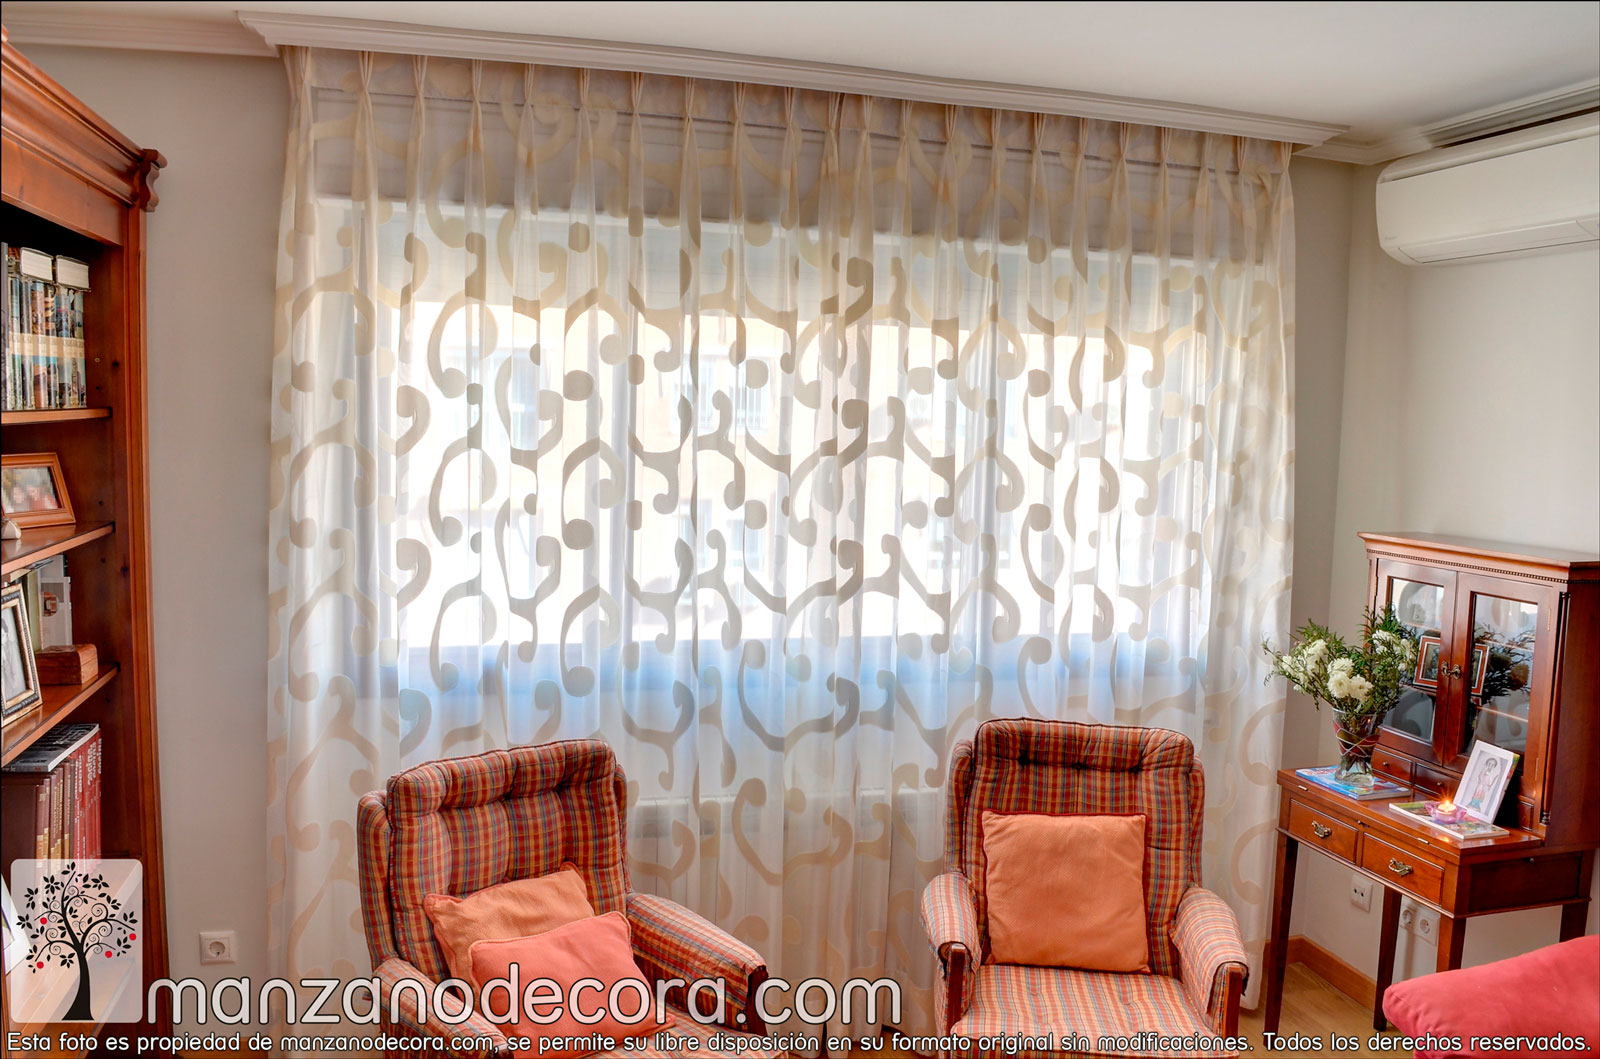 Cortinas cortinas manzanodecora - Modelos cortinas salon ...